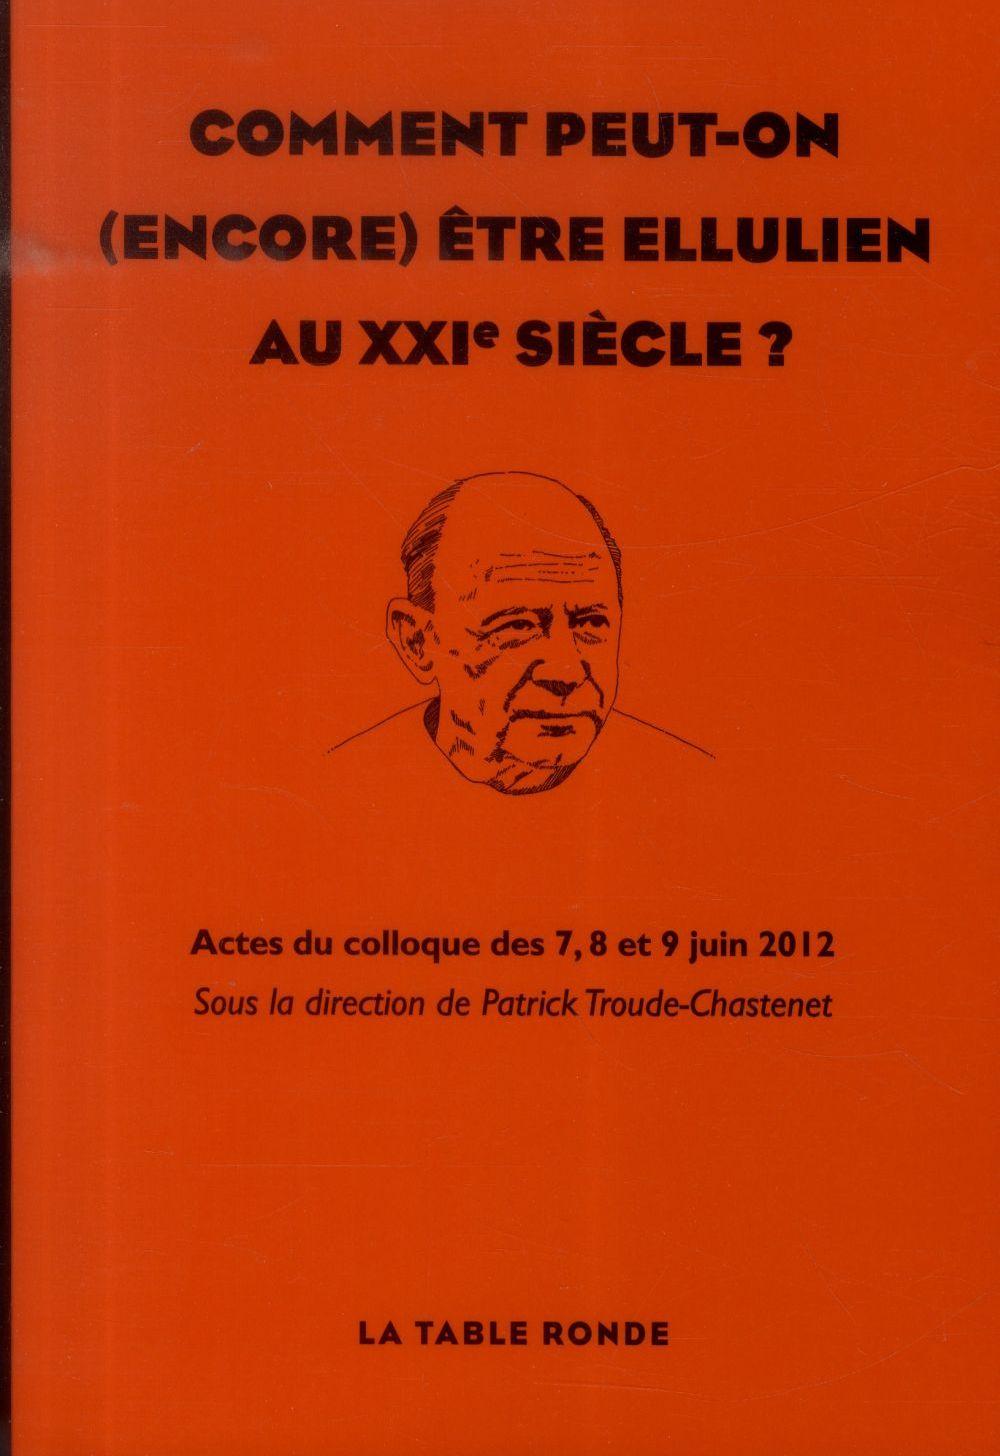 COMMENT PEUT-ON (ENCORE) ETRE ELLULIEN AU XXIE SIECLE - ACTES DU COLLOQUE DES 7, 8 ET 9 JUIN 2012